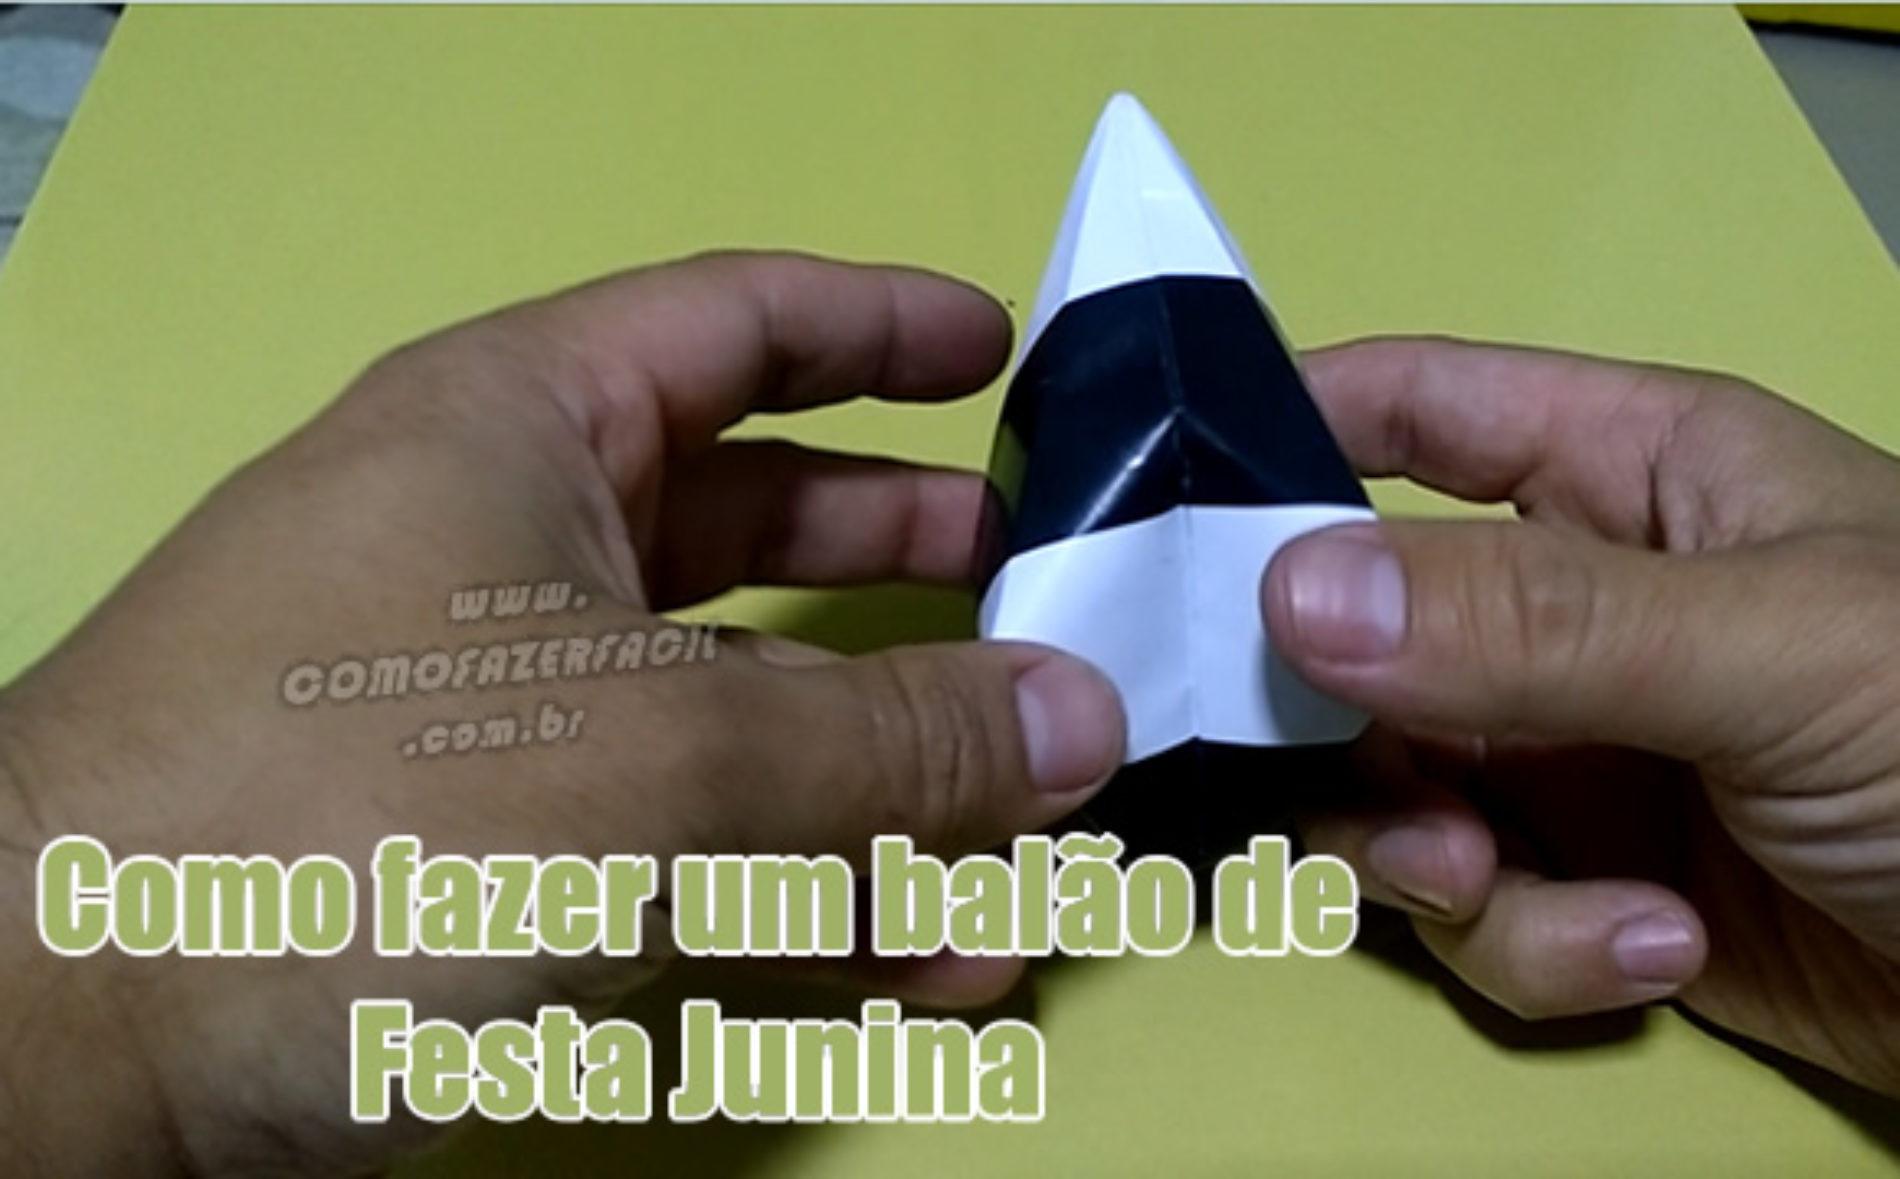 Como fazer balão de Festa Junina de papel